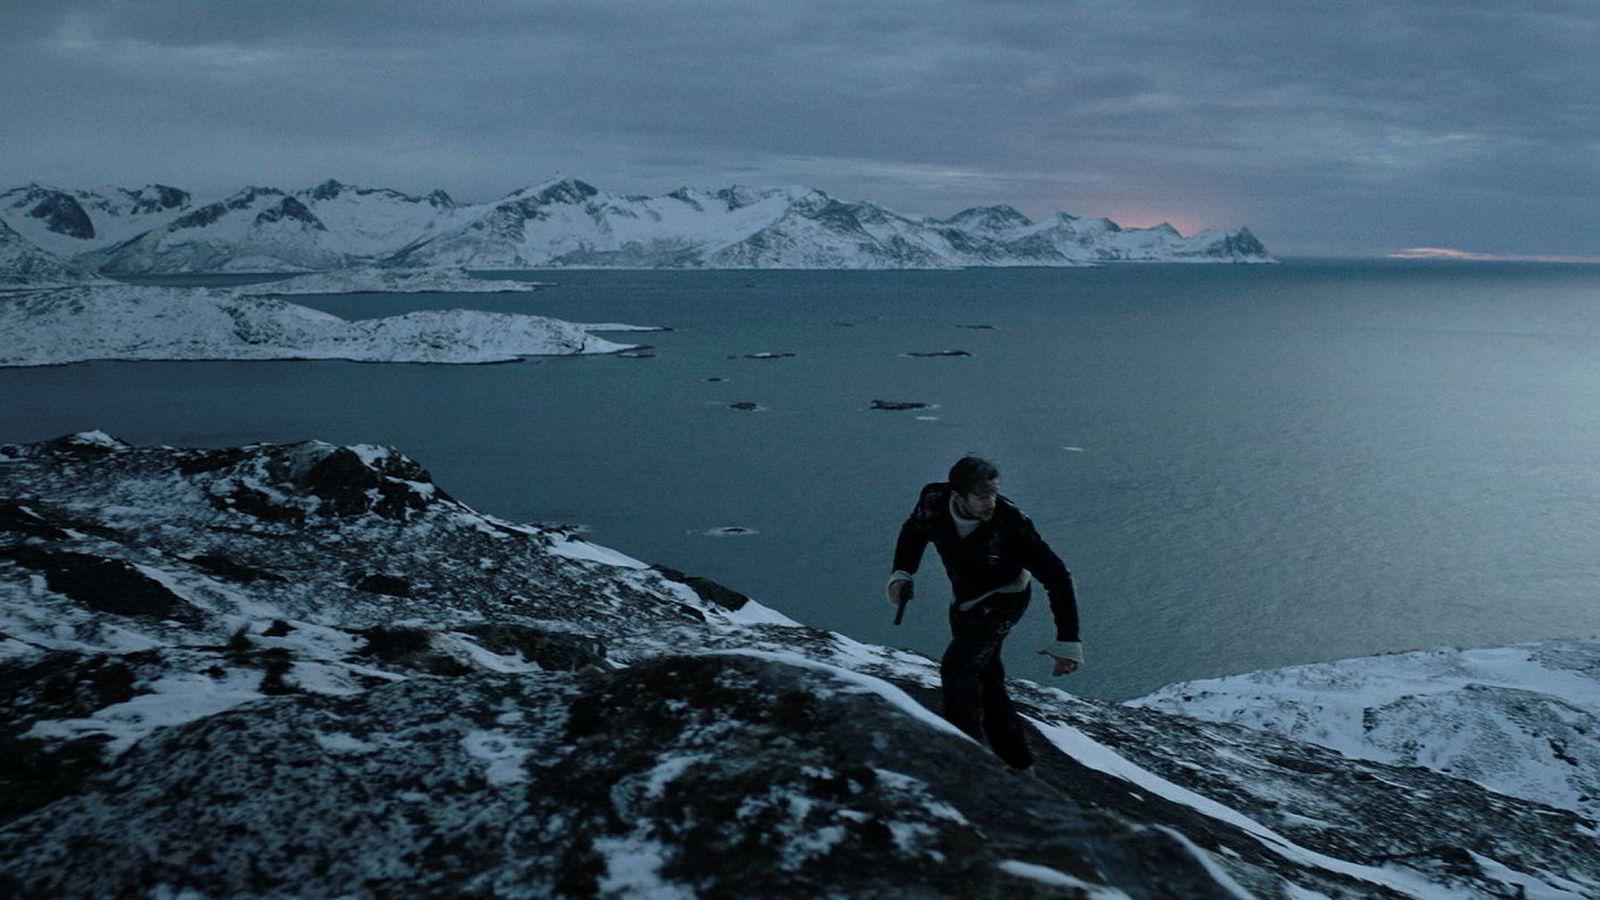 Den norske krigsfilmen «Den 12. Mann» er den foreløpig mest sette filmen i en knallsterk åpning på kinoåret.